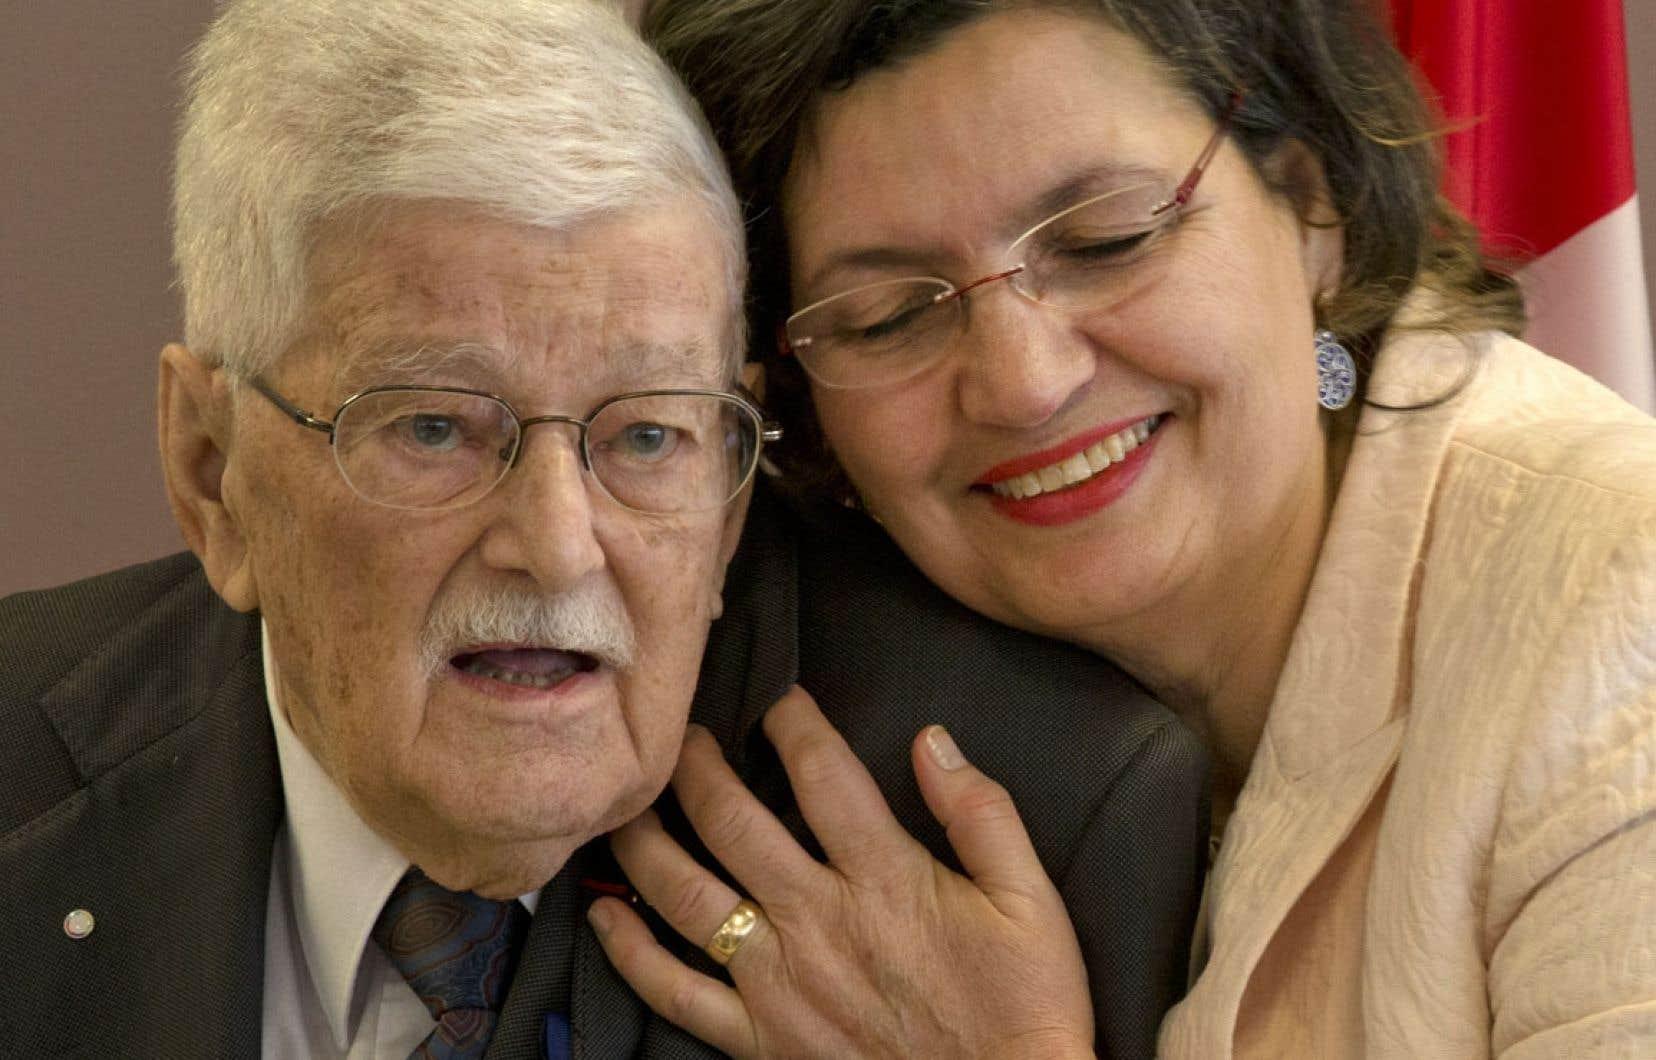 Fatima Houda-Pepin a reçu un appui de taille de la part de l'ex-député et ministre libéral Paul Gérin-Lajoie, qui était à Brossard mardi lors de l'annonce officielle de sa candidature.